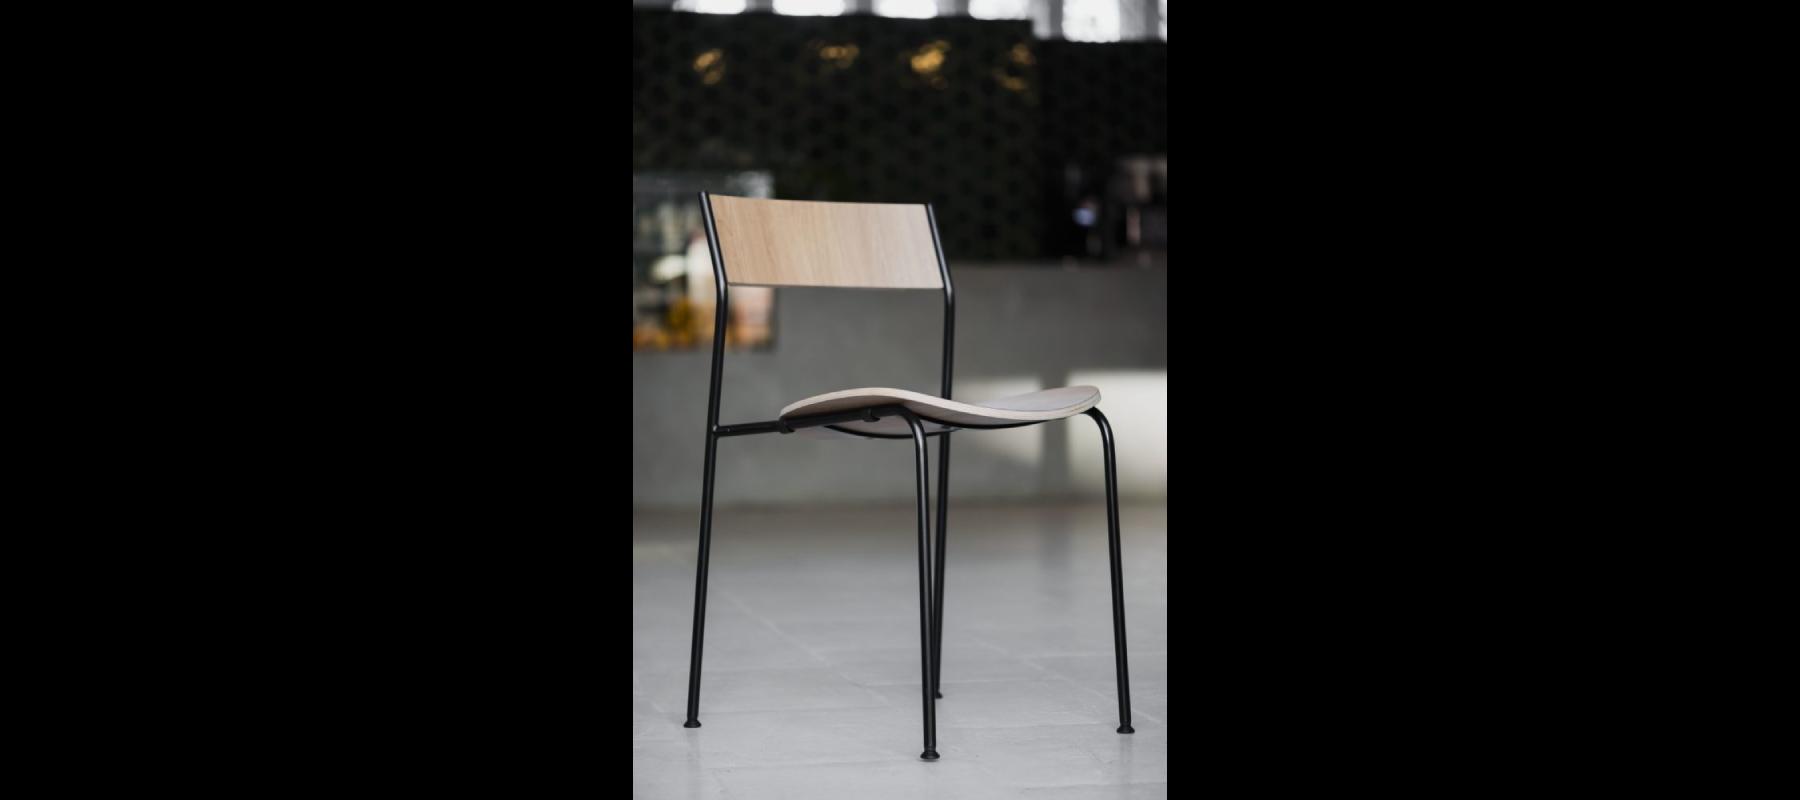 krzesła konferencyjne shark orka detale - 02